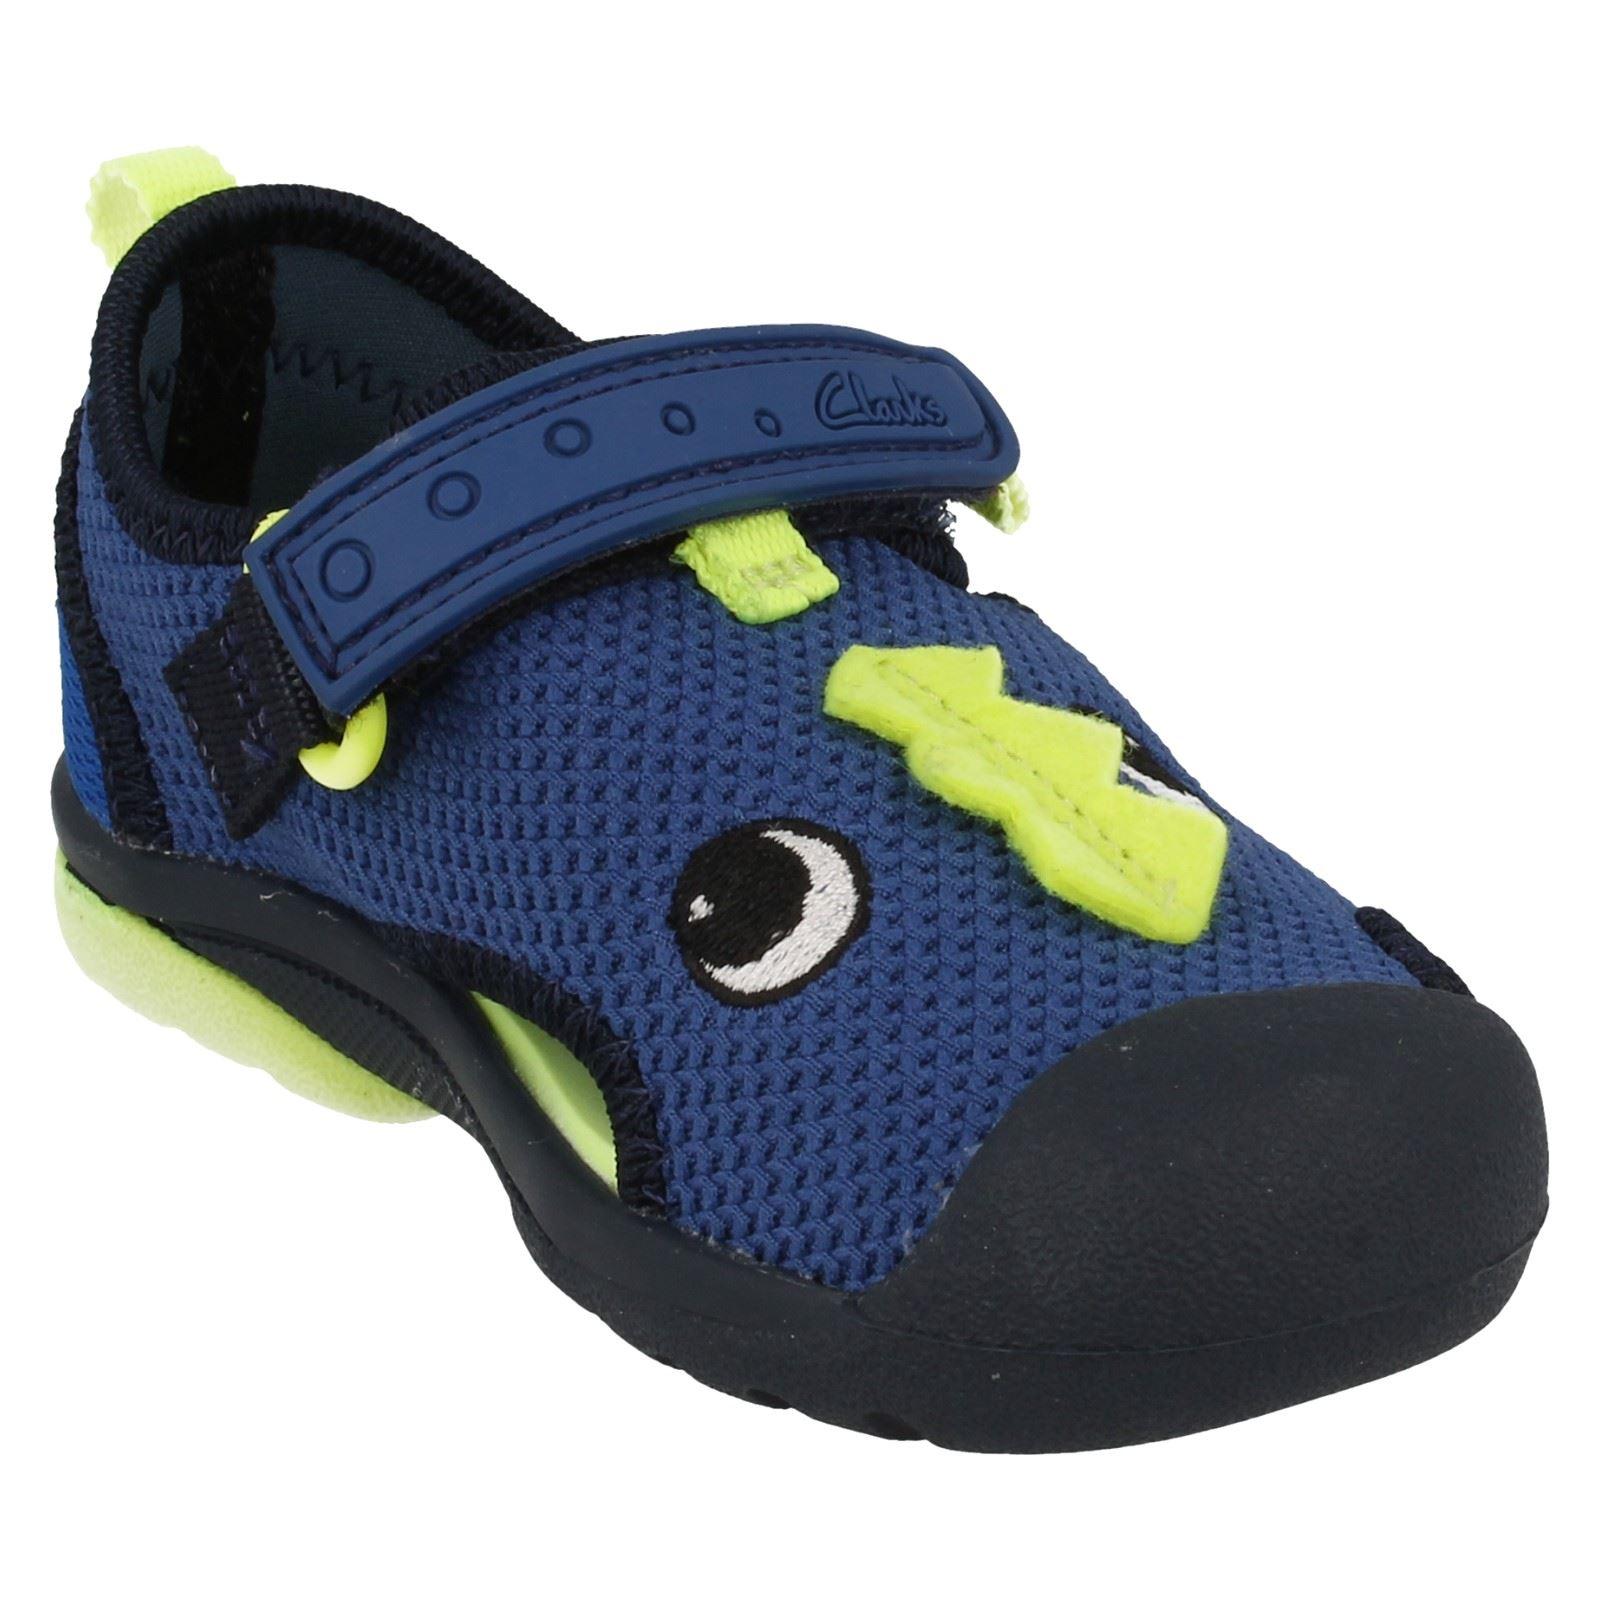 Chicos Clarks Zapatos De Playa Playa Curl